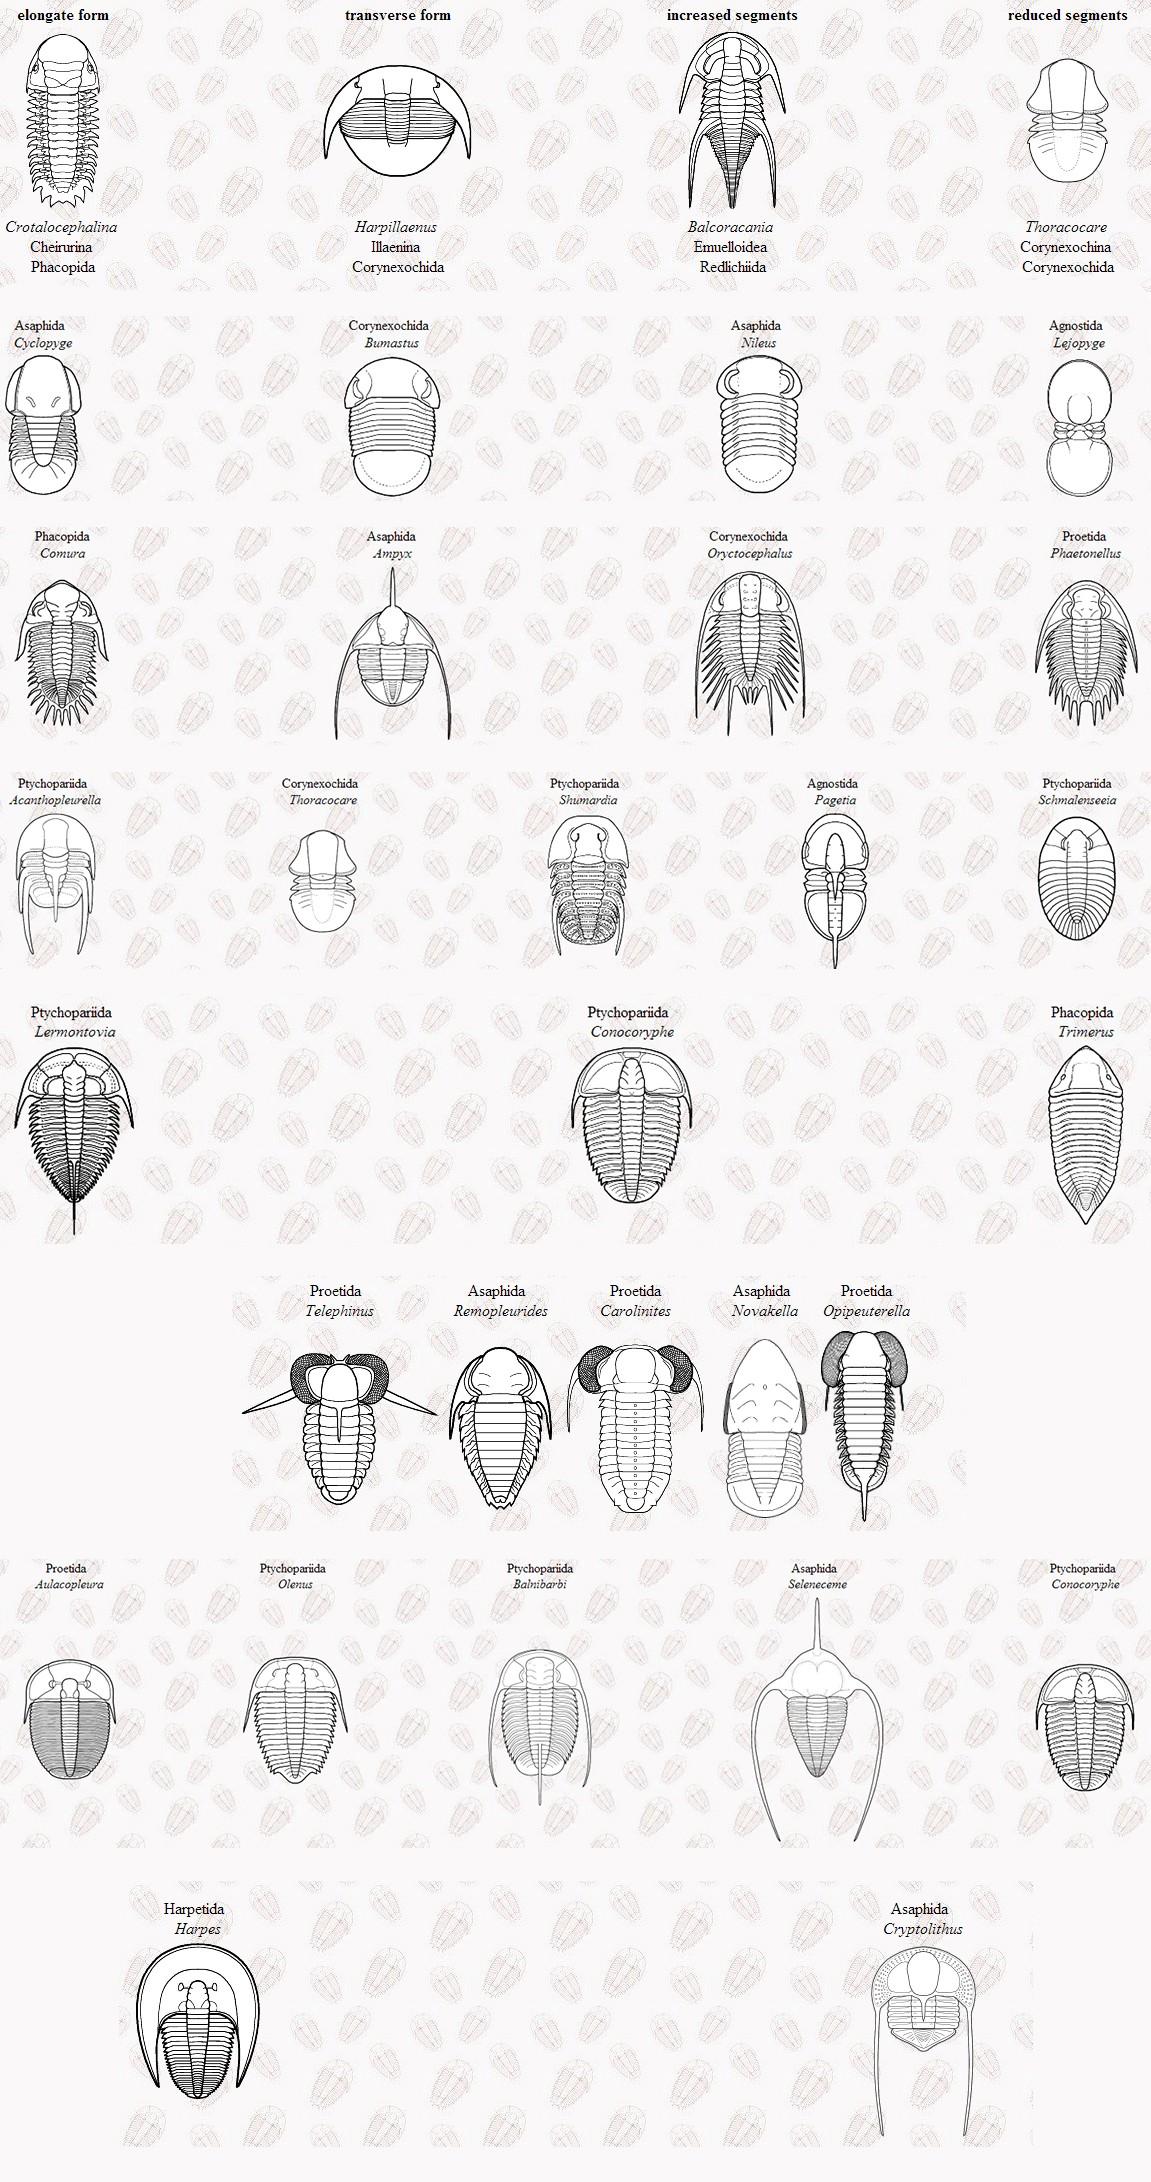 Birbirinden farklı trilobit vücut planlarına örnekler... Kaynak:Trilobites